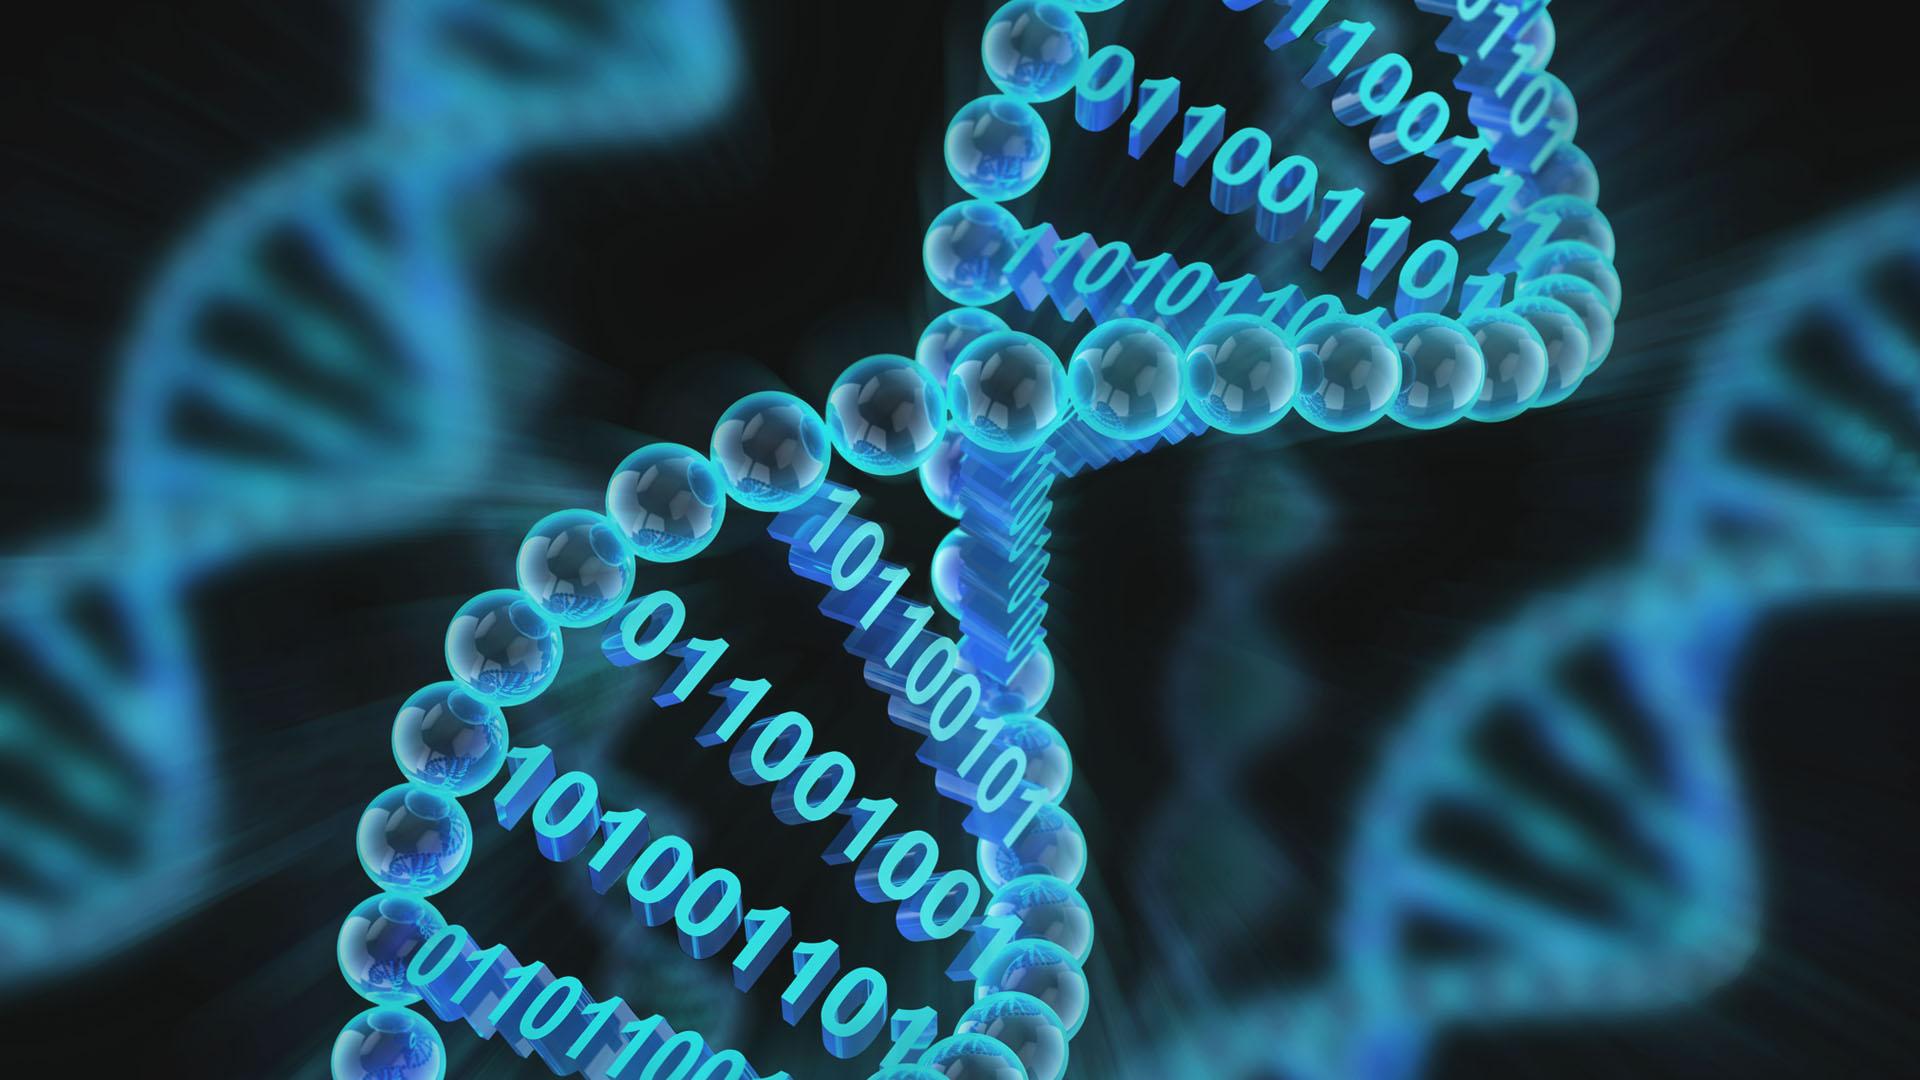 [WRAP UP] DNA inovador: o que fazer para estimular a inovação empresarial